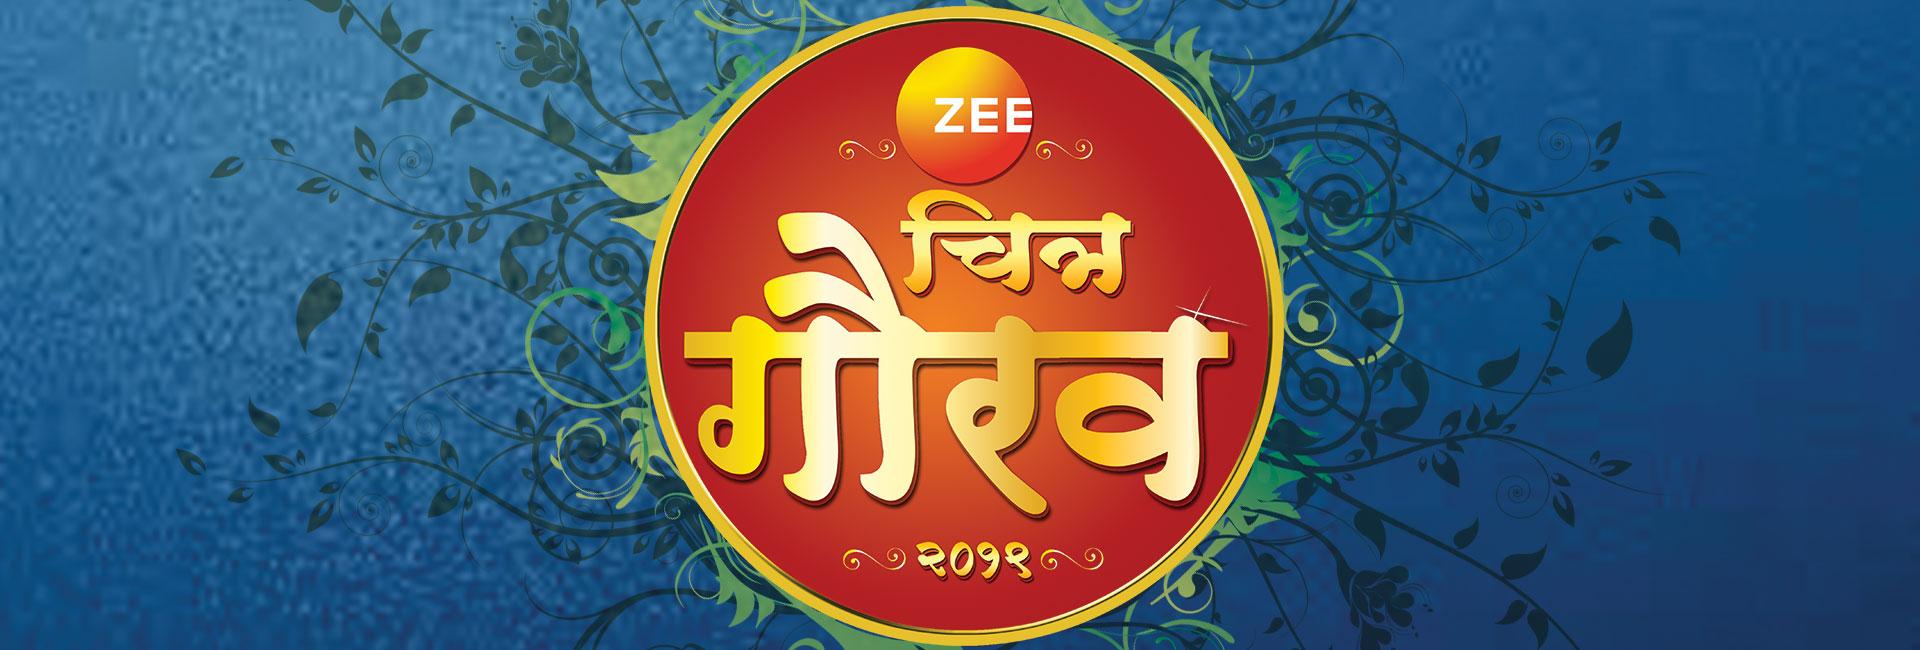 Zee Chitra Gaurav Puraskar 2019